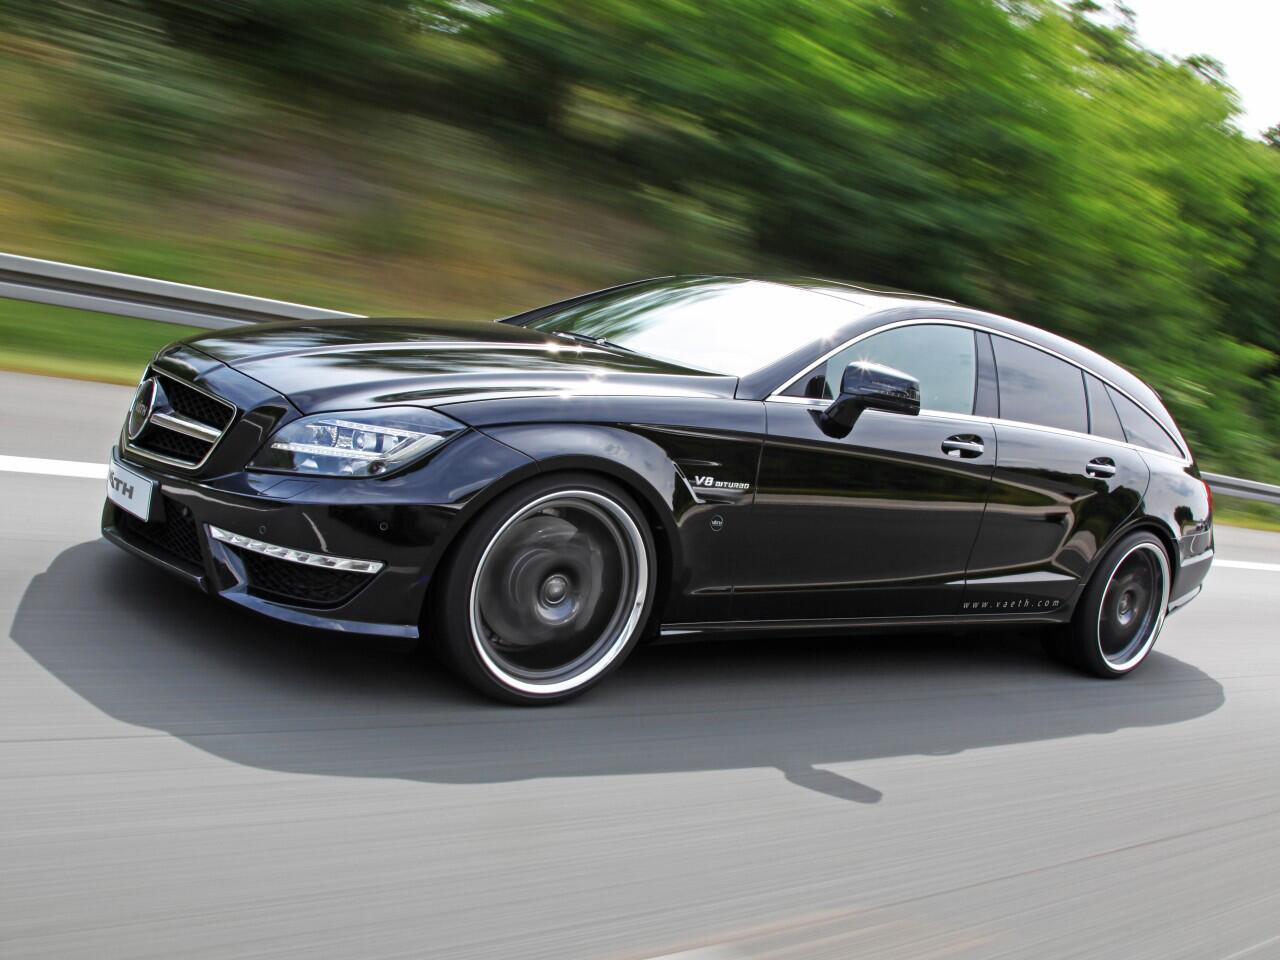 Bild zu Mercedes CLS 63 AMG von Väth